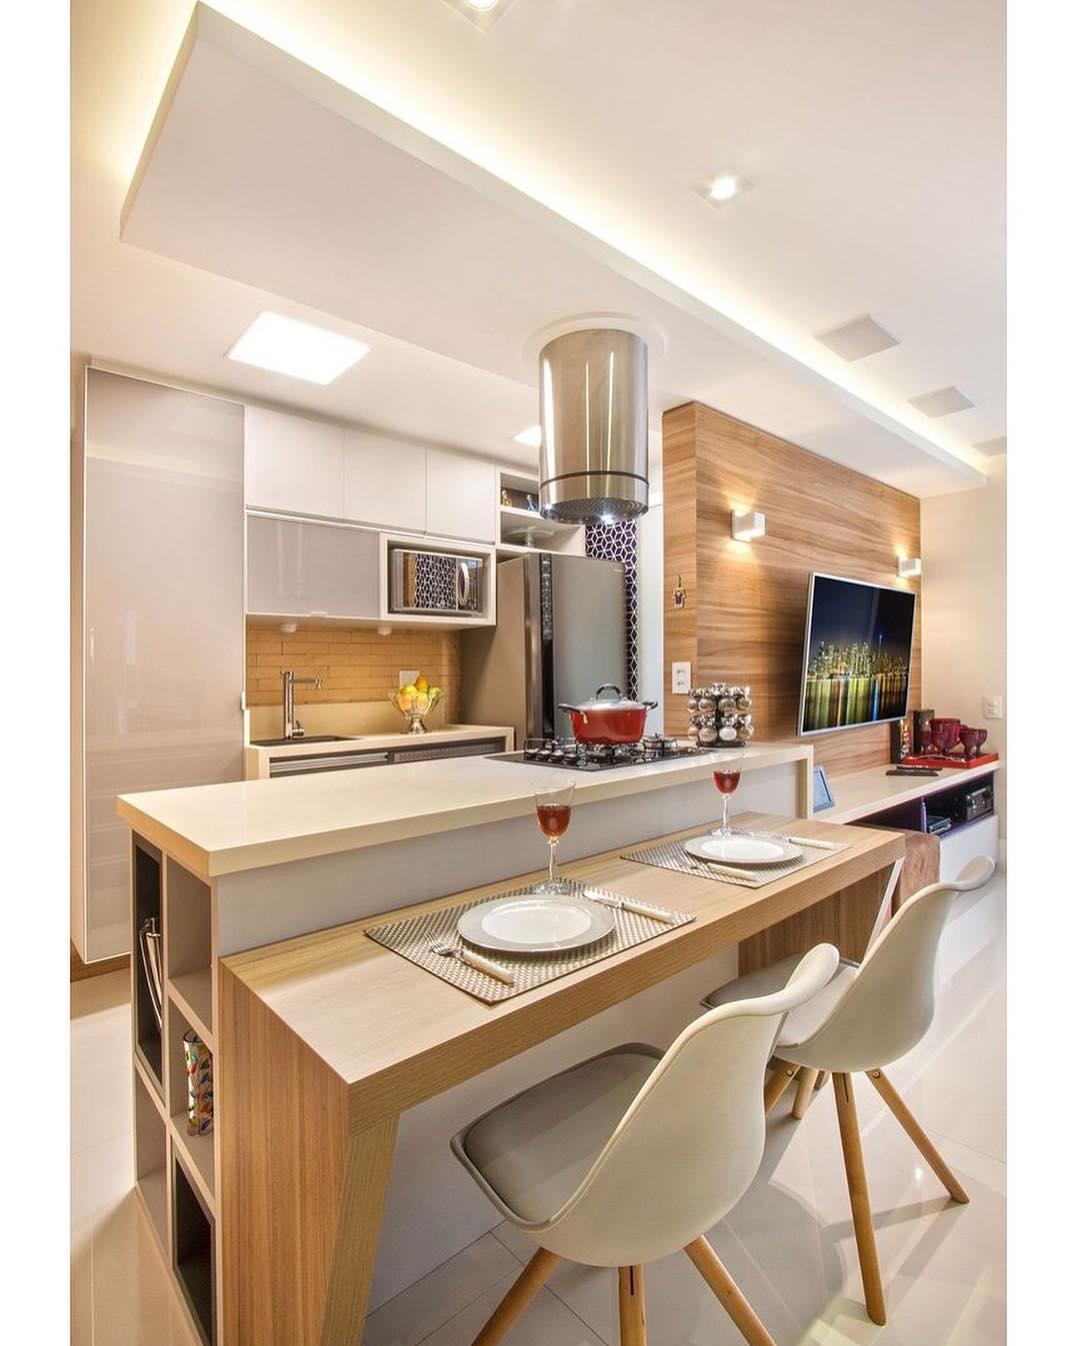 Cozinha Americana Pequena E Moderna Cozinha Americana Pequena E